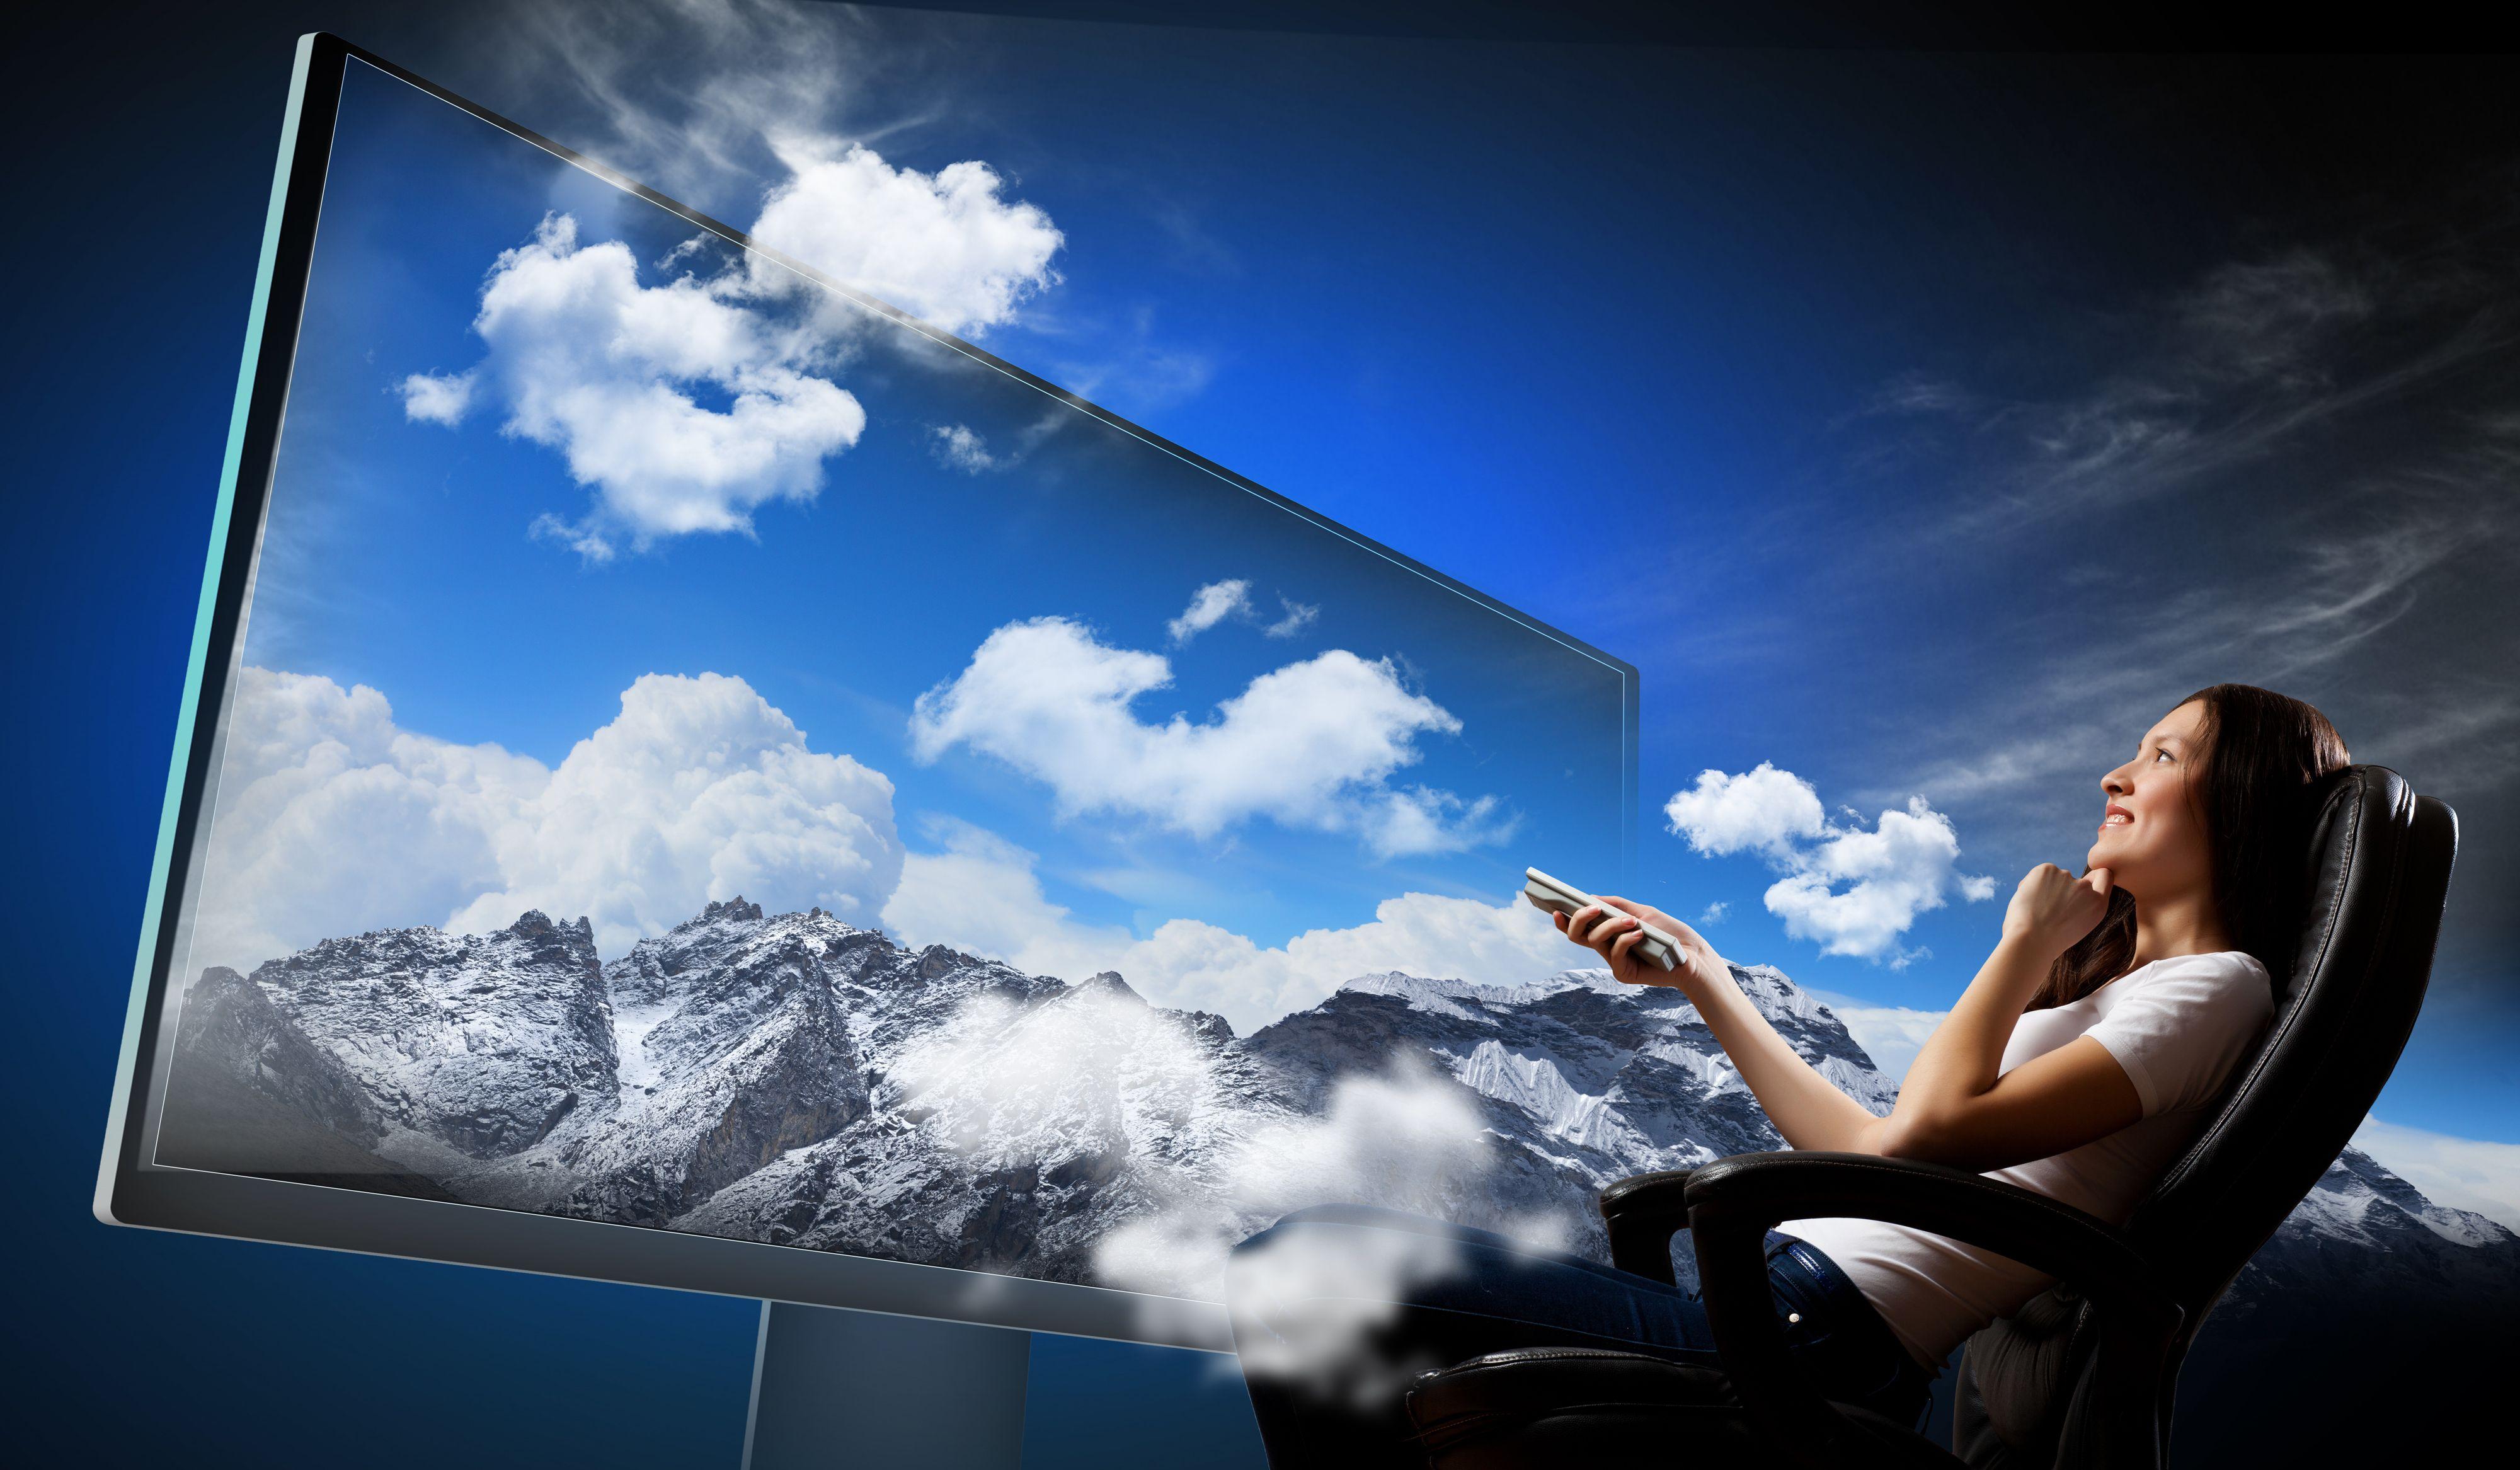 Med 4K-oppløsning kan du ha enda større TV.Foto: Shutterstock